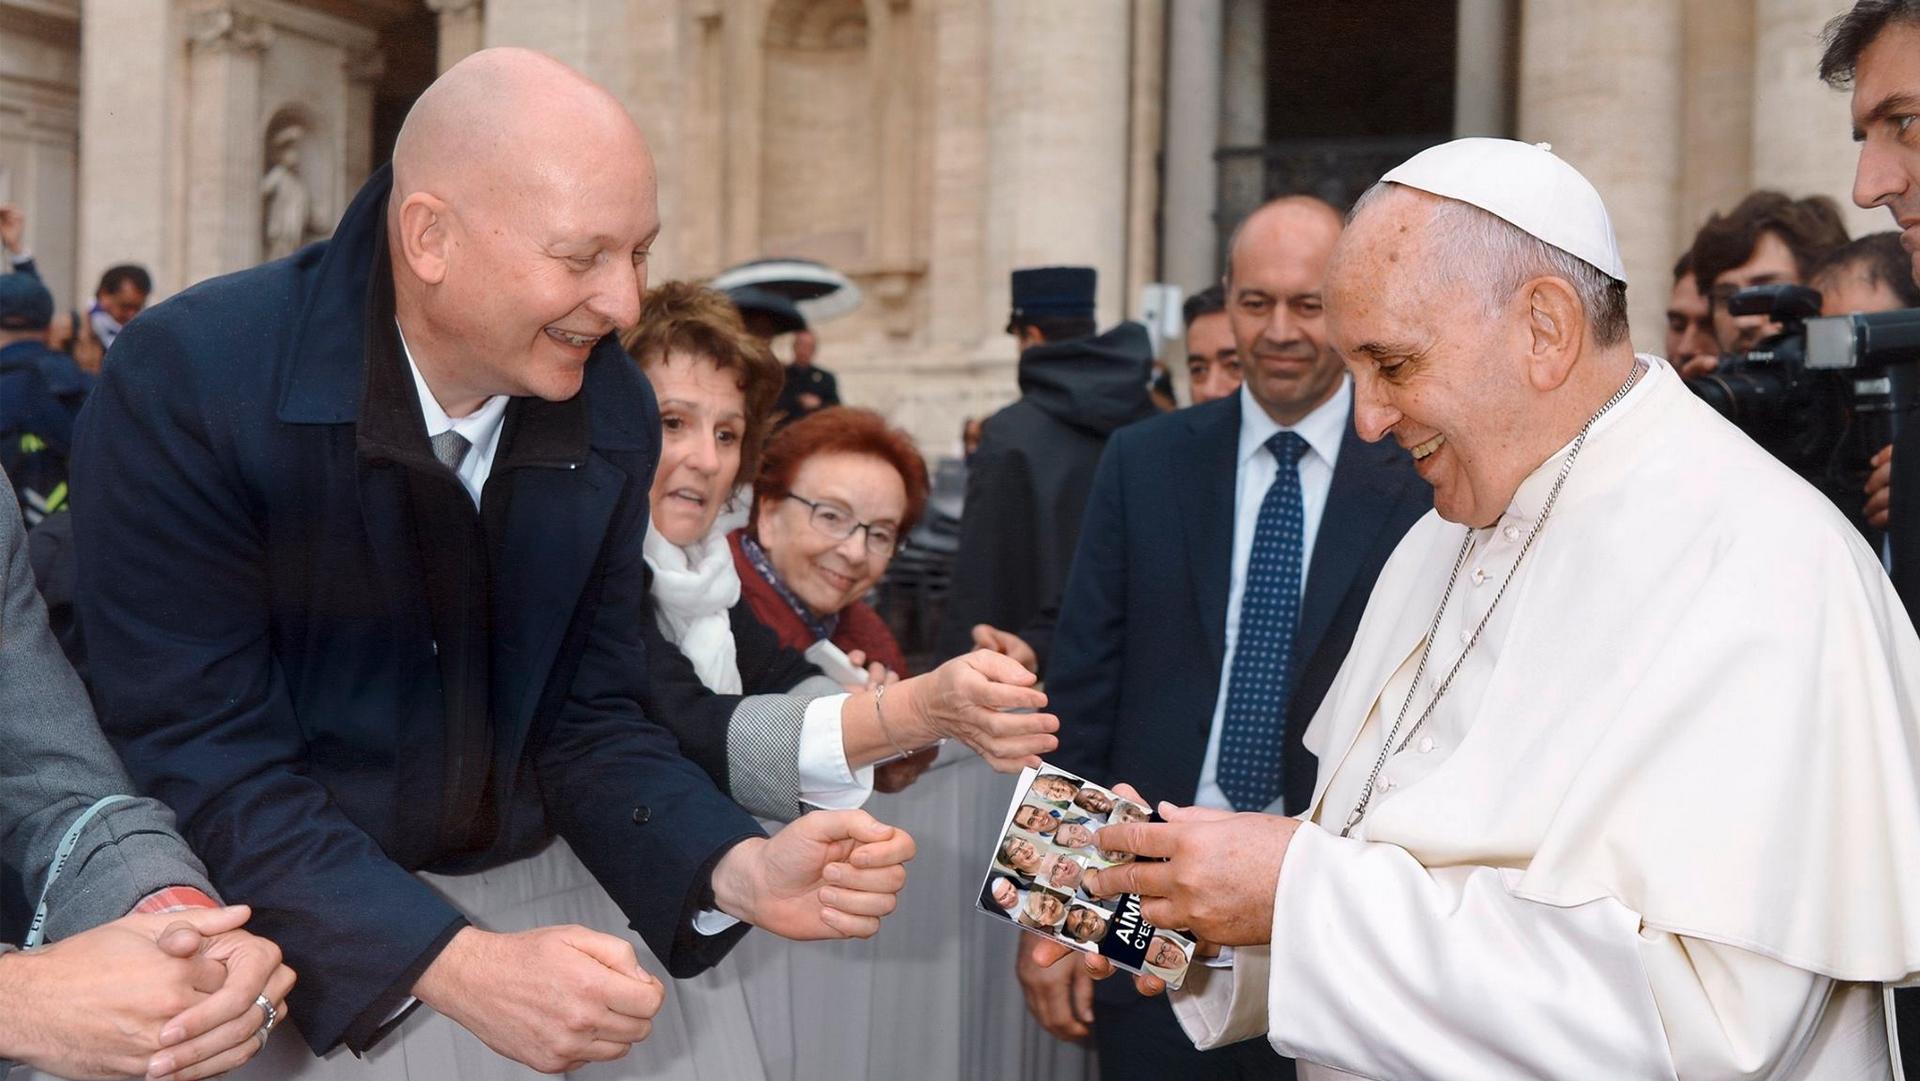 Fribourg, Suisse: le Pape François préface le livre de Daniel Pittet, victime d'un prêtre pédophile (Vidéo) Pittet-Daniel-pape